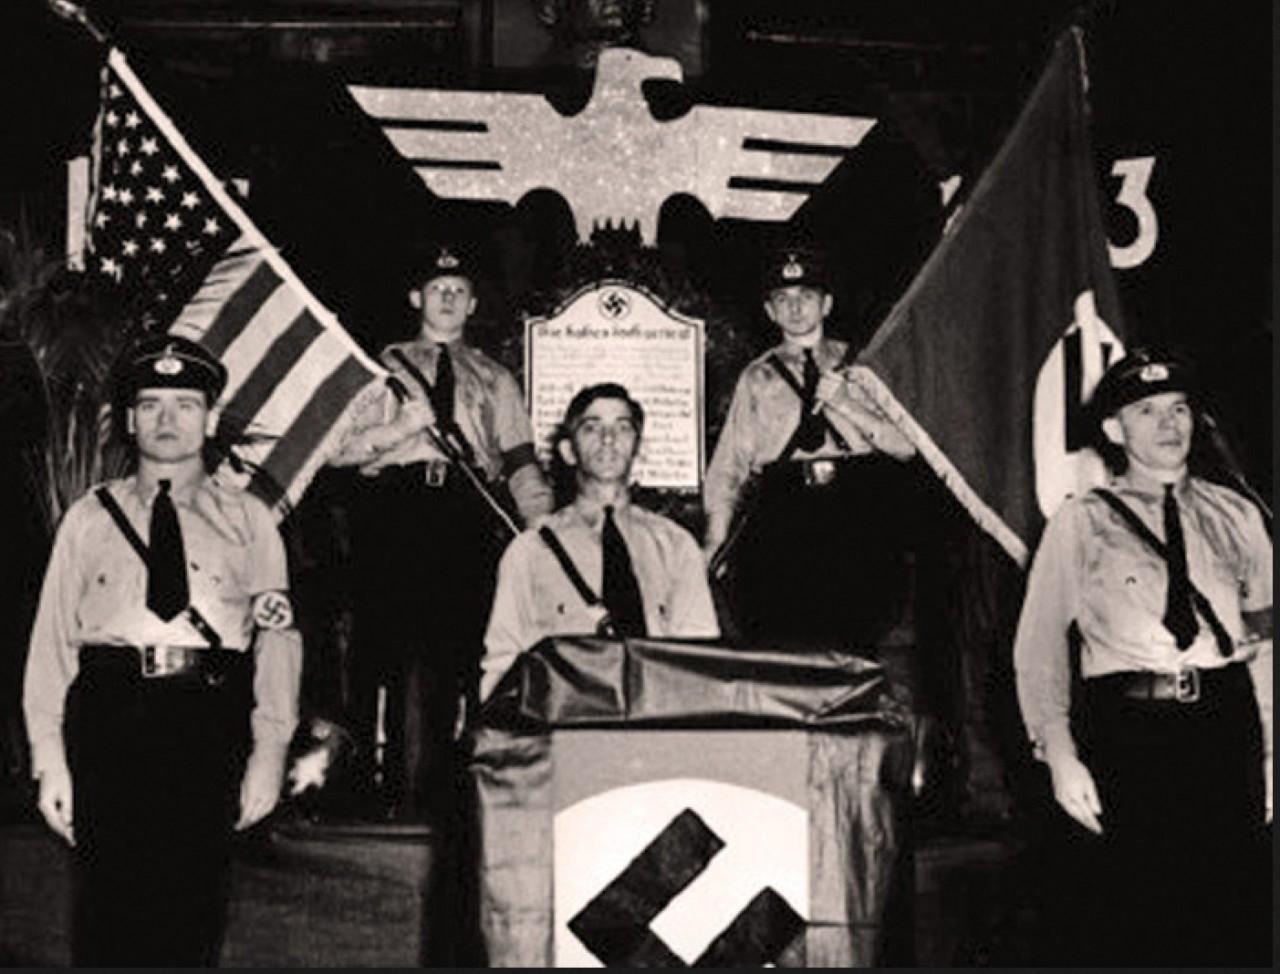 Психология привлекательности фашизма